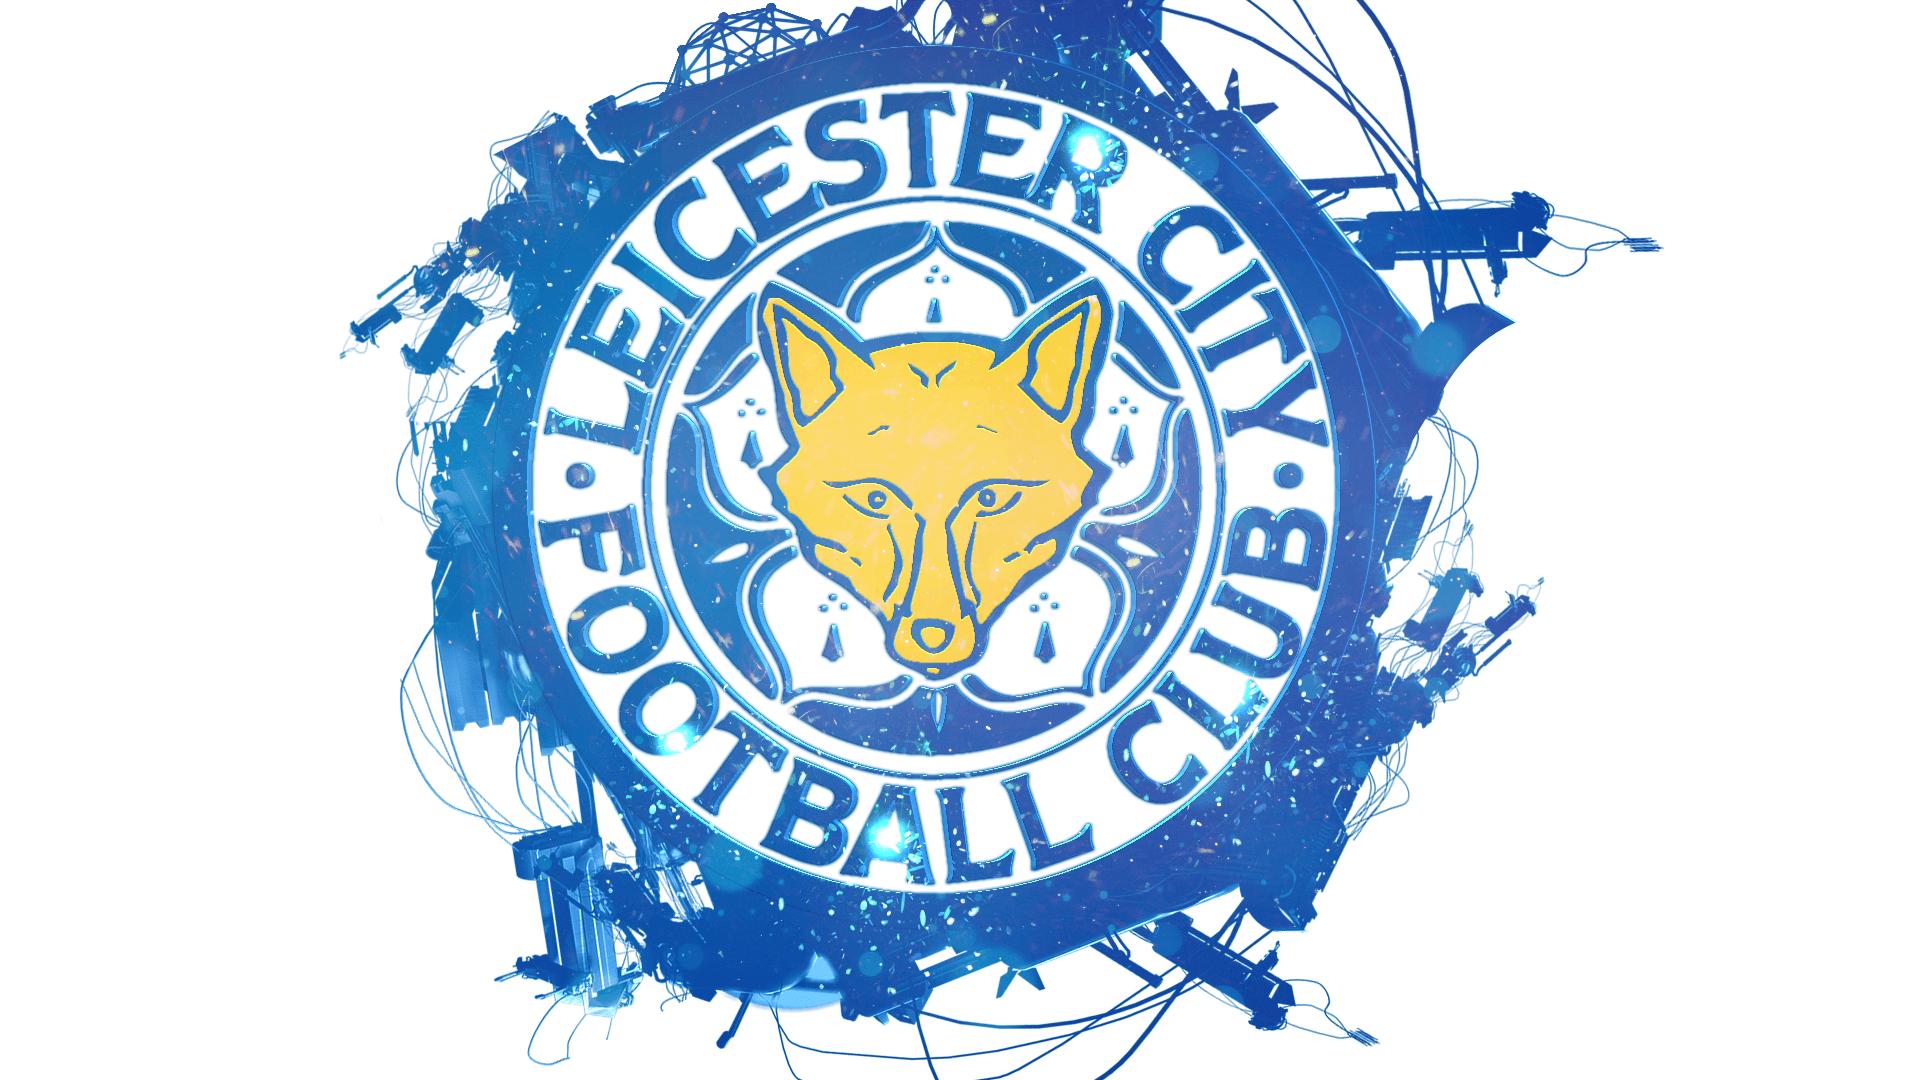 Leicester city Logos.